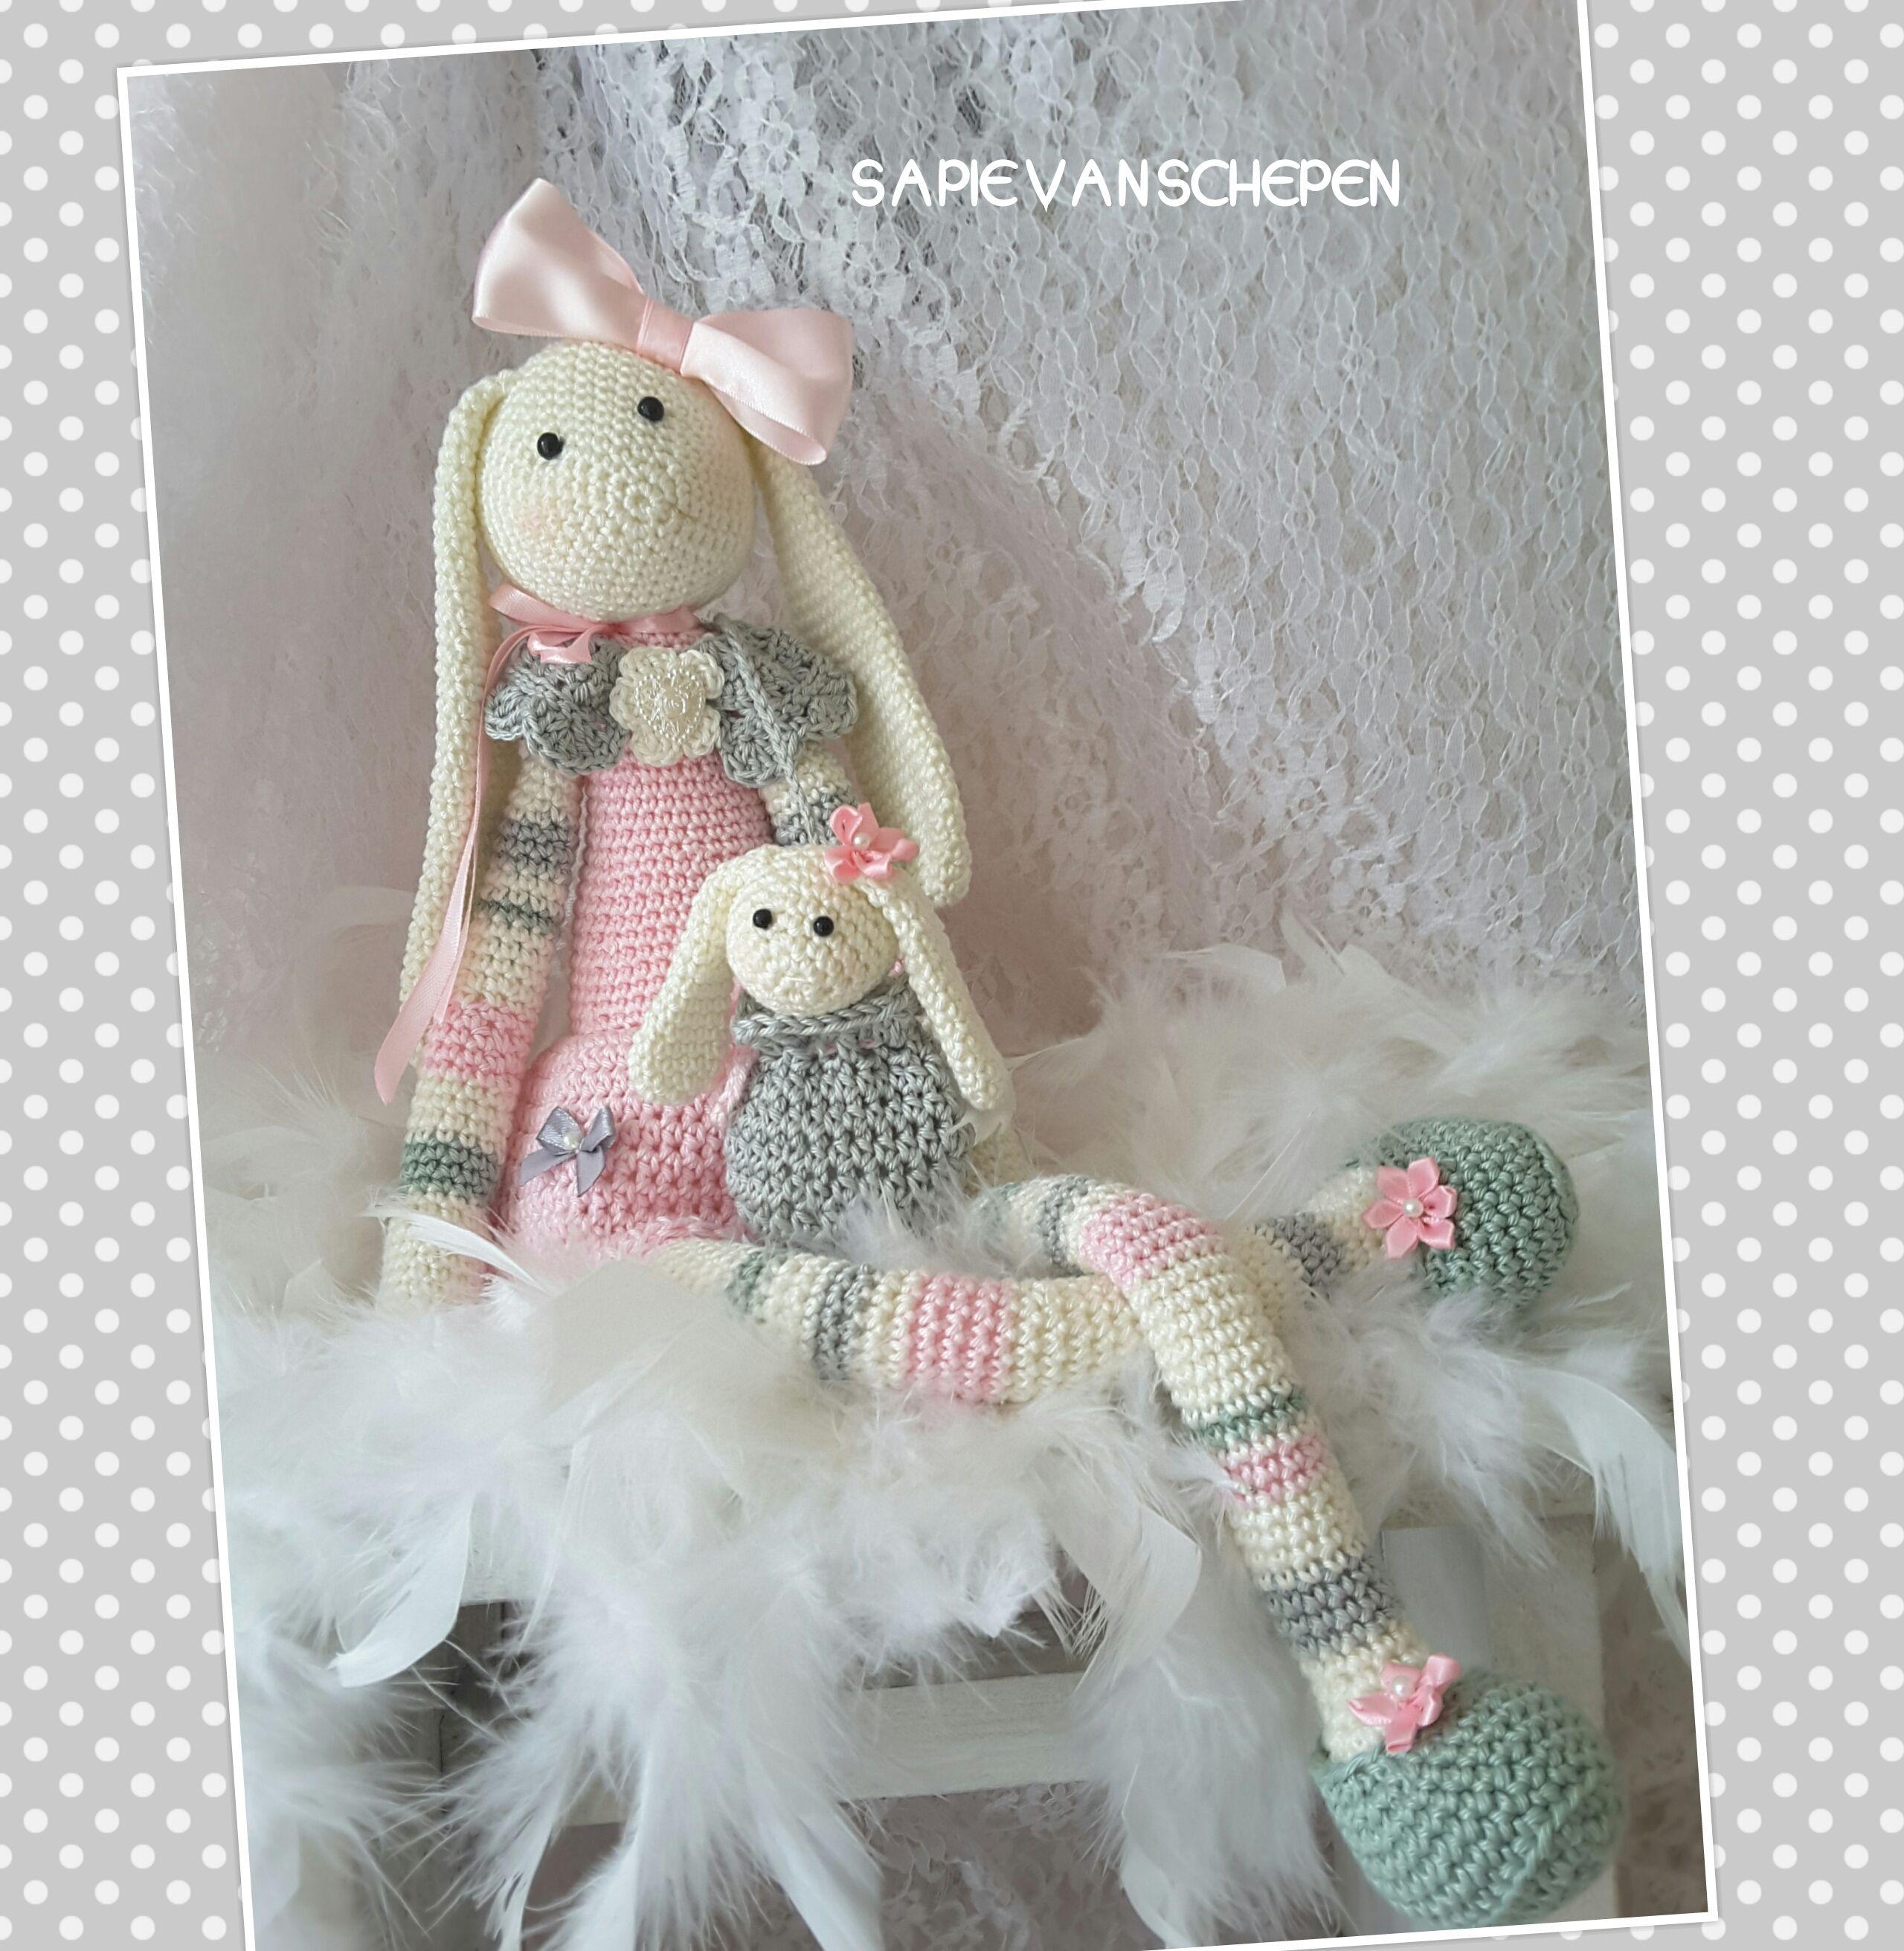 Pin von Simone ♥ auf # Bunny #   Pinterest   Tier und Häkeln